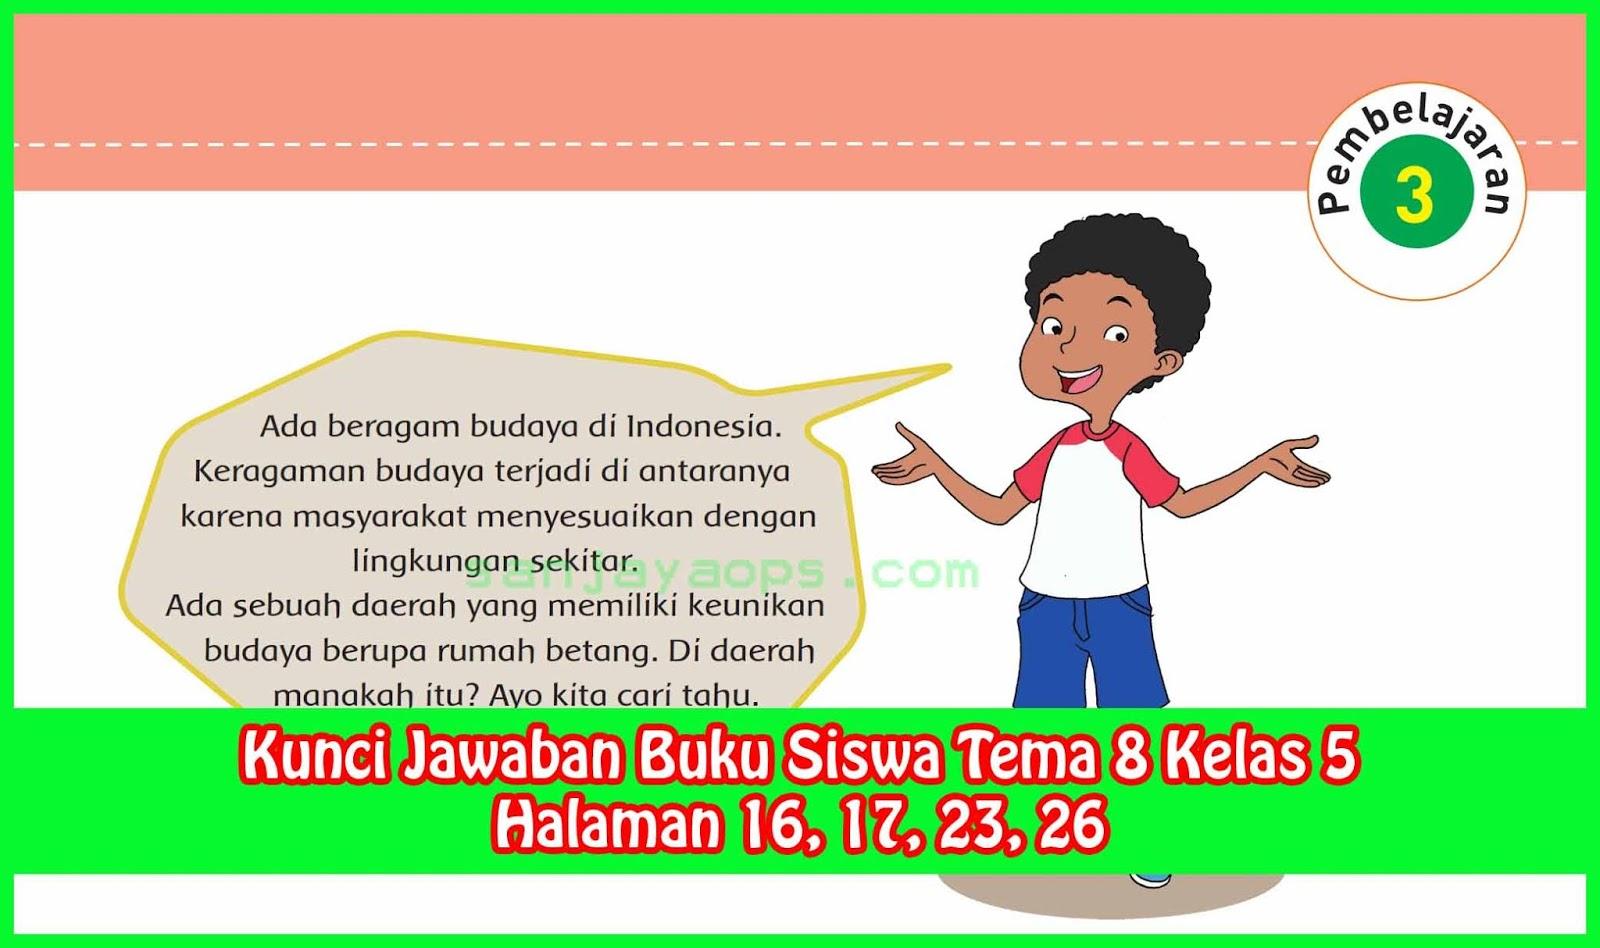 Kunci jawaban rancage diajar basa sunda kelas 5 gratis warangka. Kunci Jawaban Bahasa Sunda Kelas 5 Halaman 14 15 16 Revisi Id